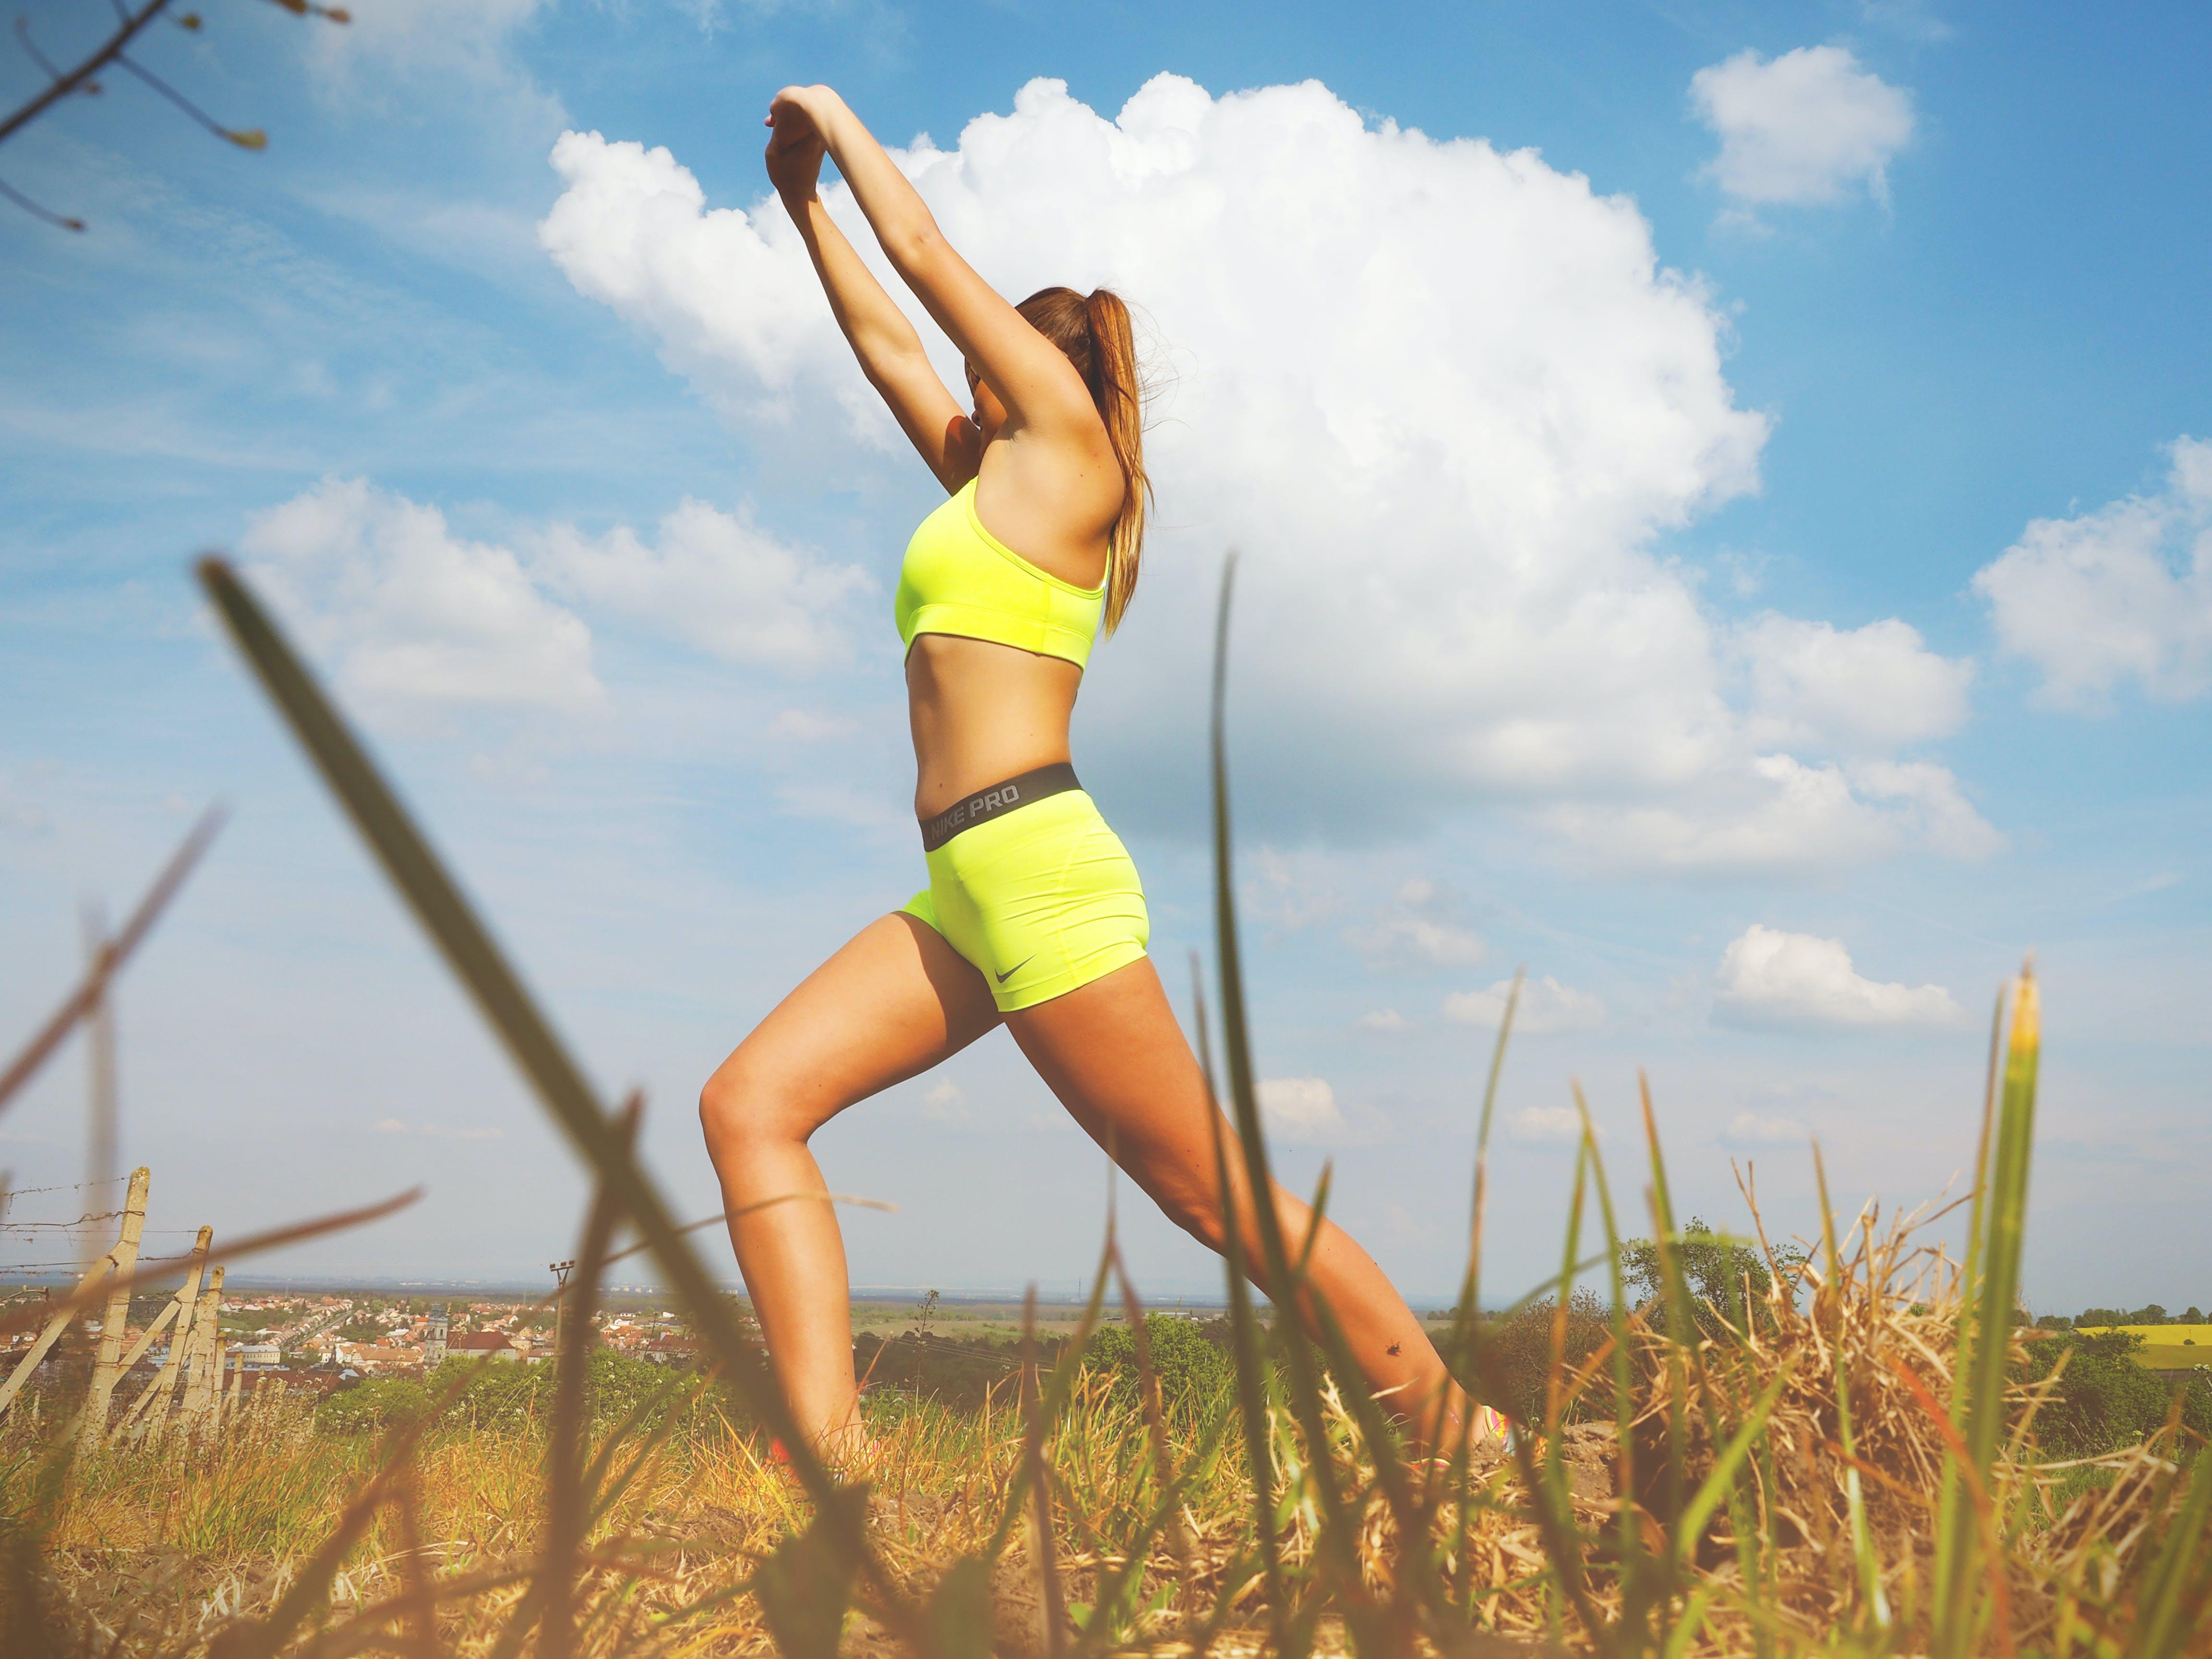 Ilmainen kuvapankkikuva tunnisteilla aikuinen, elämäntapa, fitness, hoikka